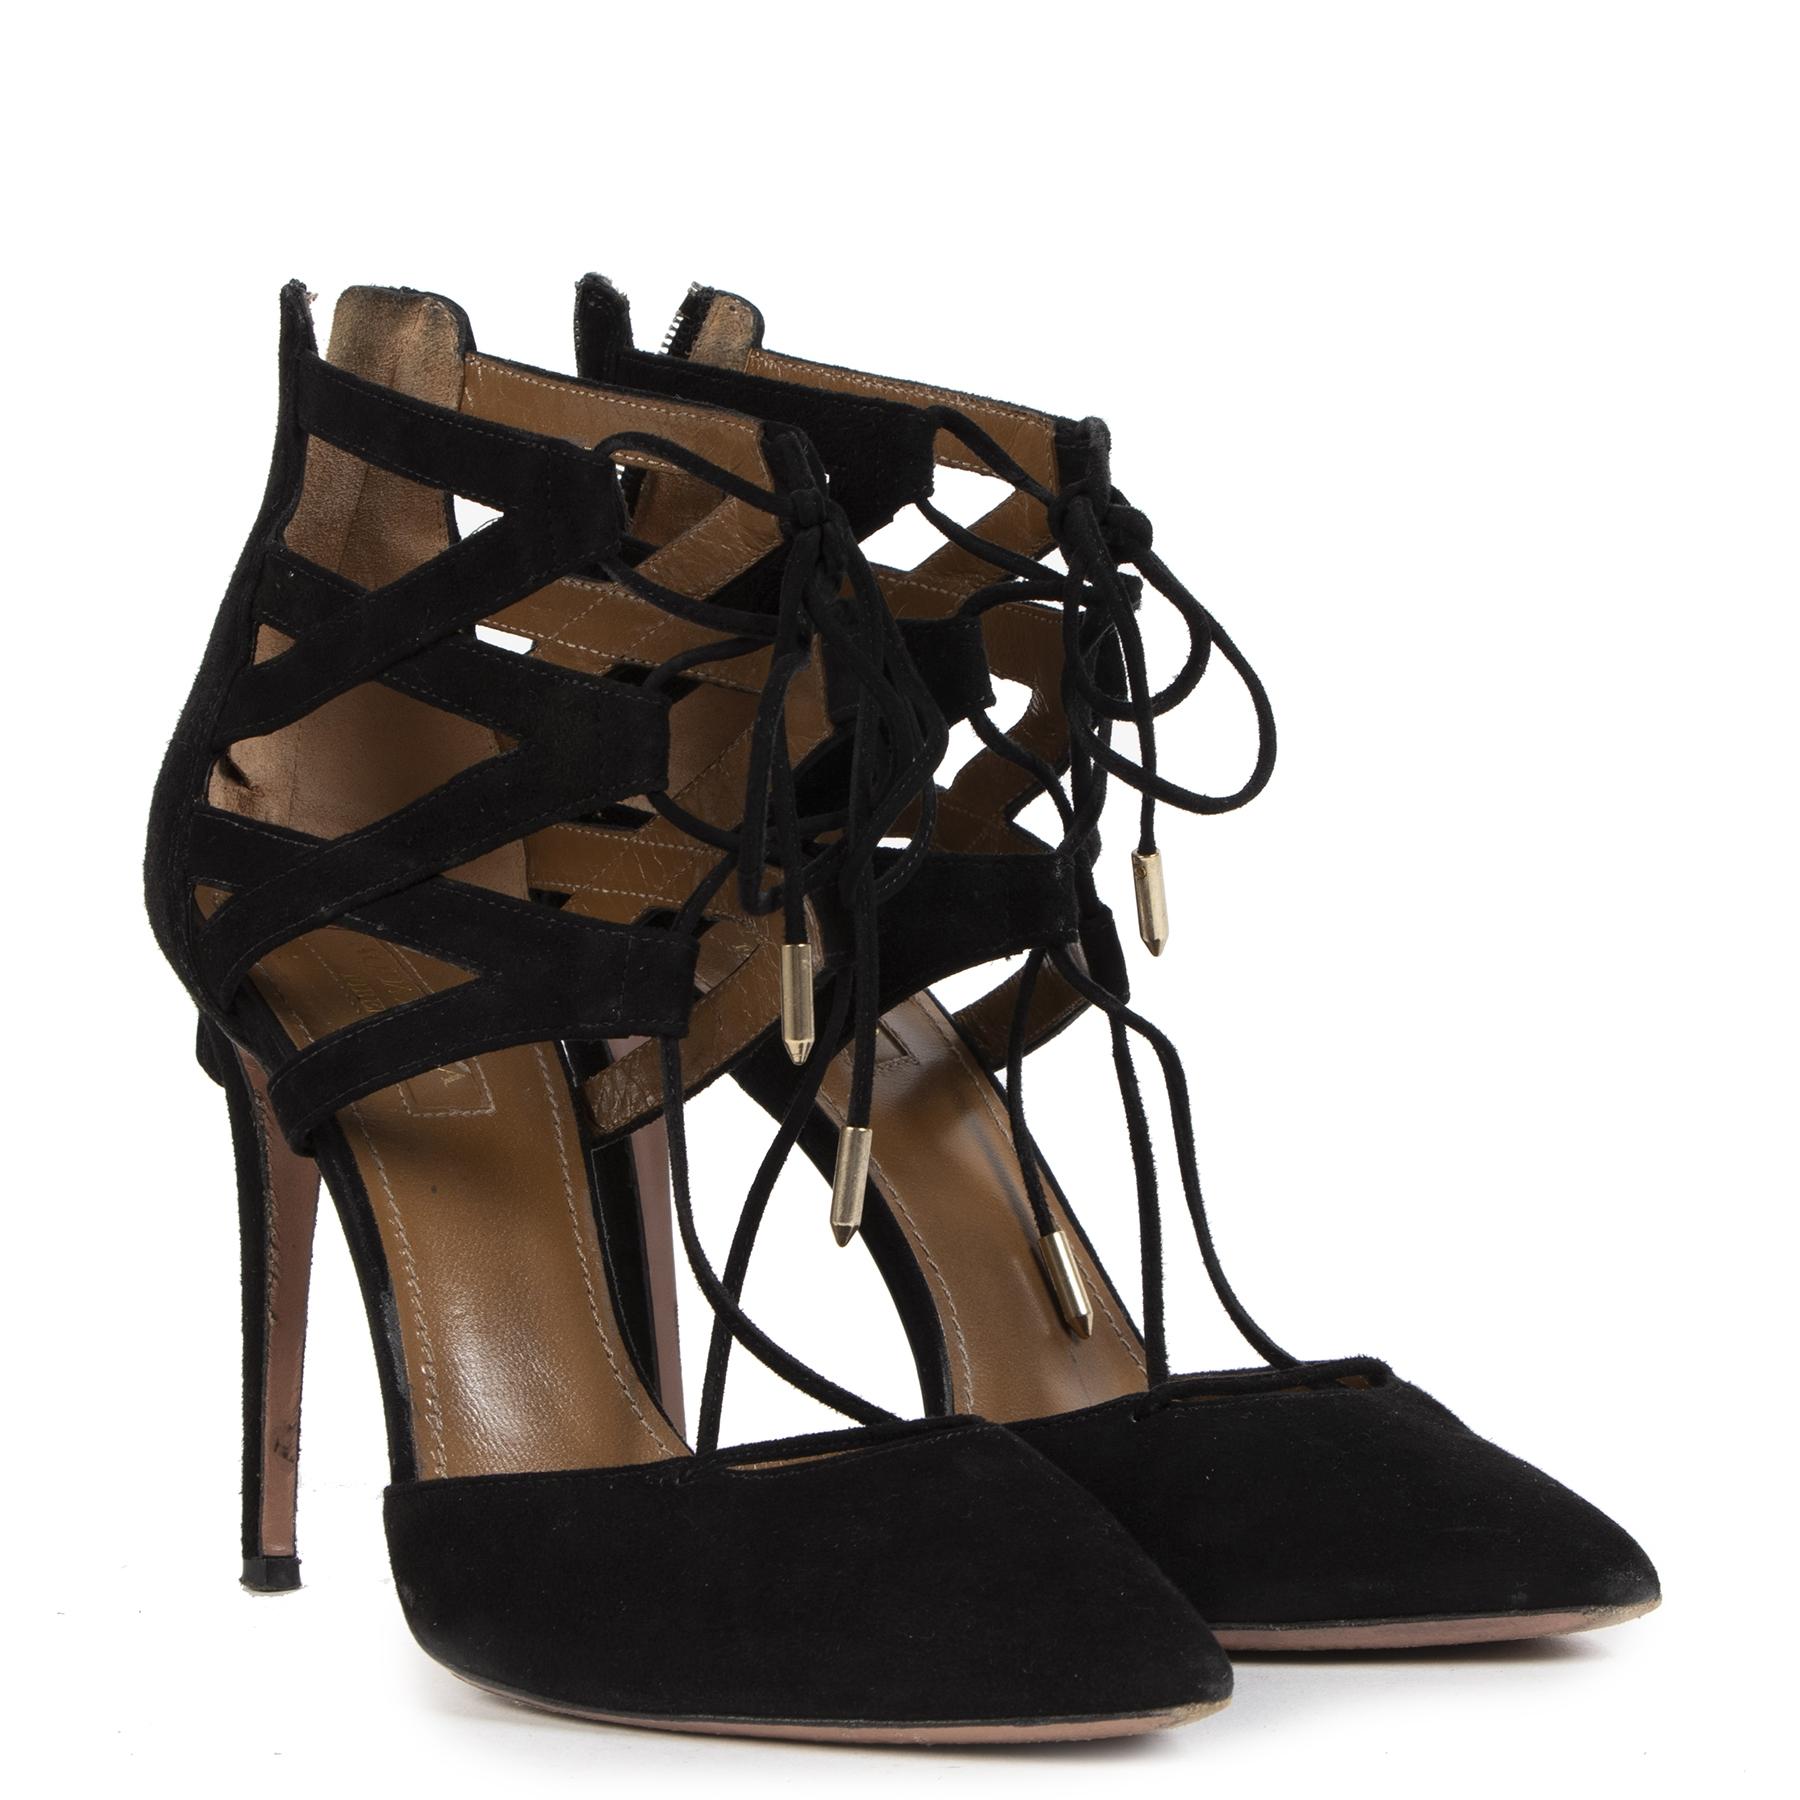 Koop en verkoop uw authentieke designer shoes aan de beste prij sbij Labellov